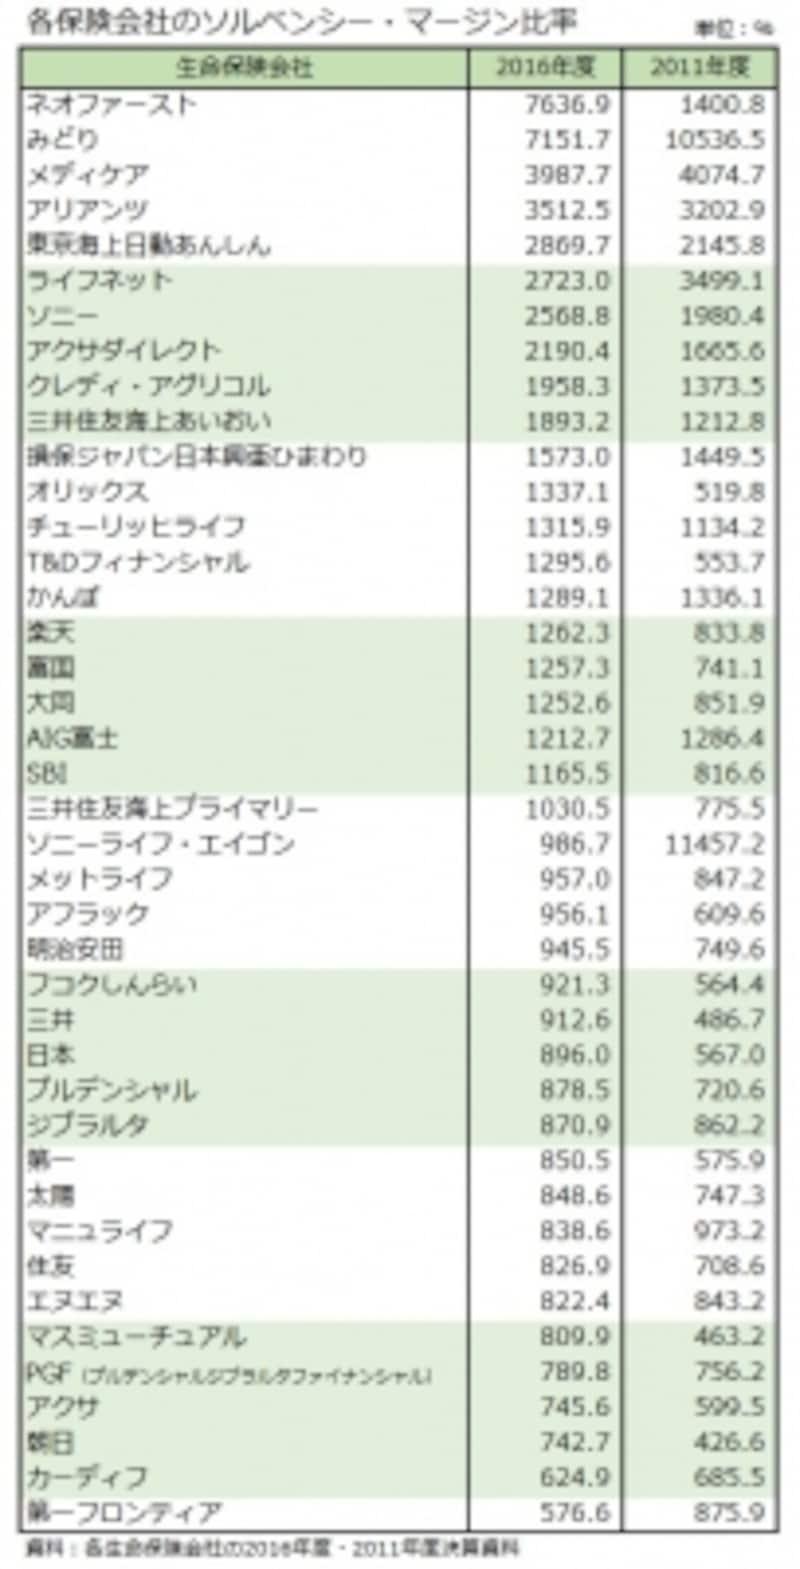 各保険会社のソルベンシー・マージン比率